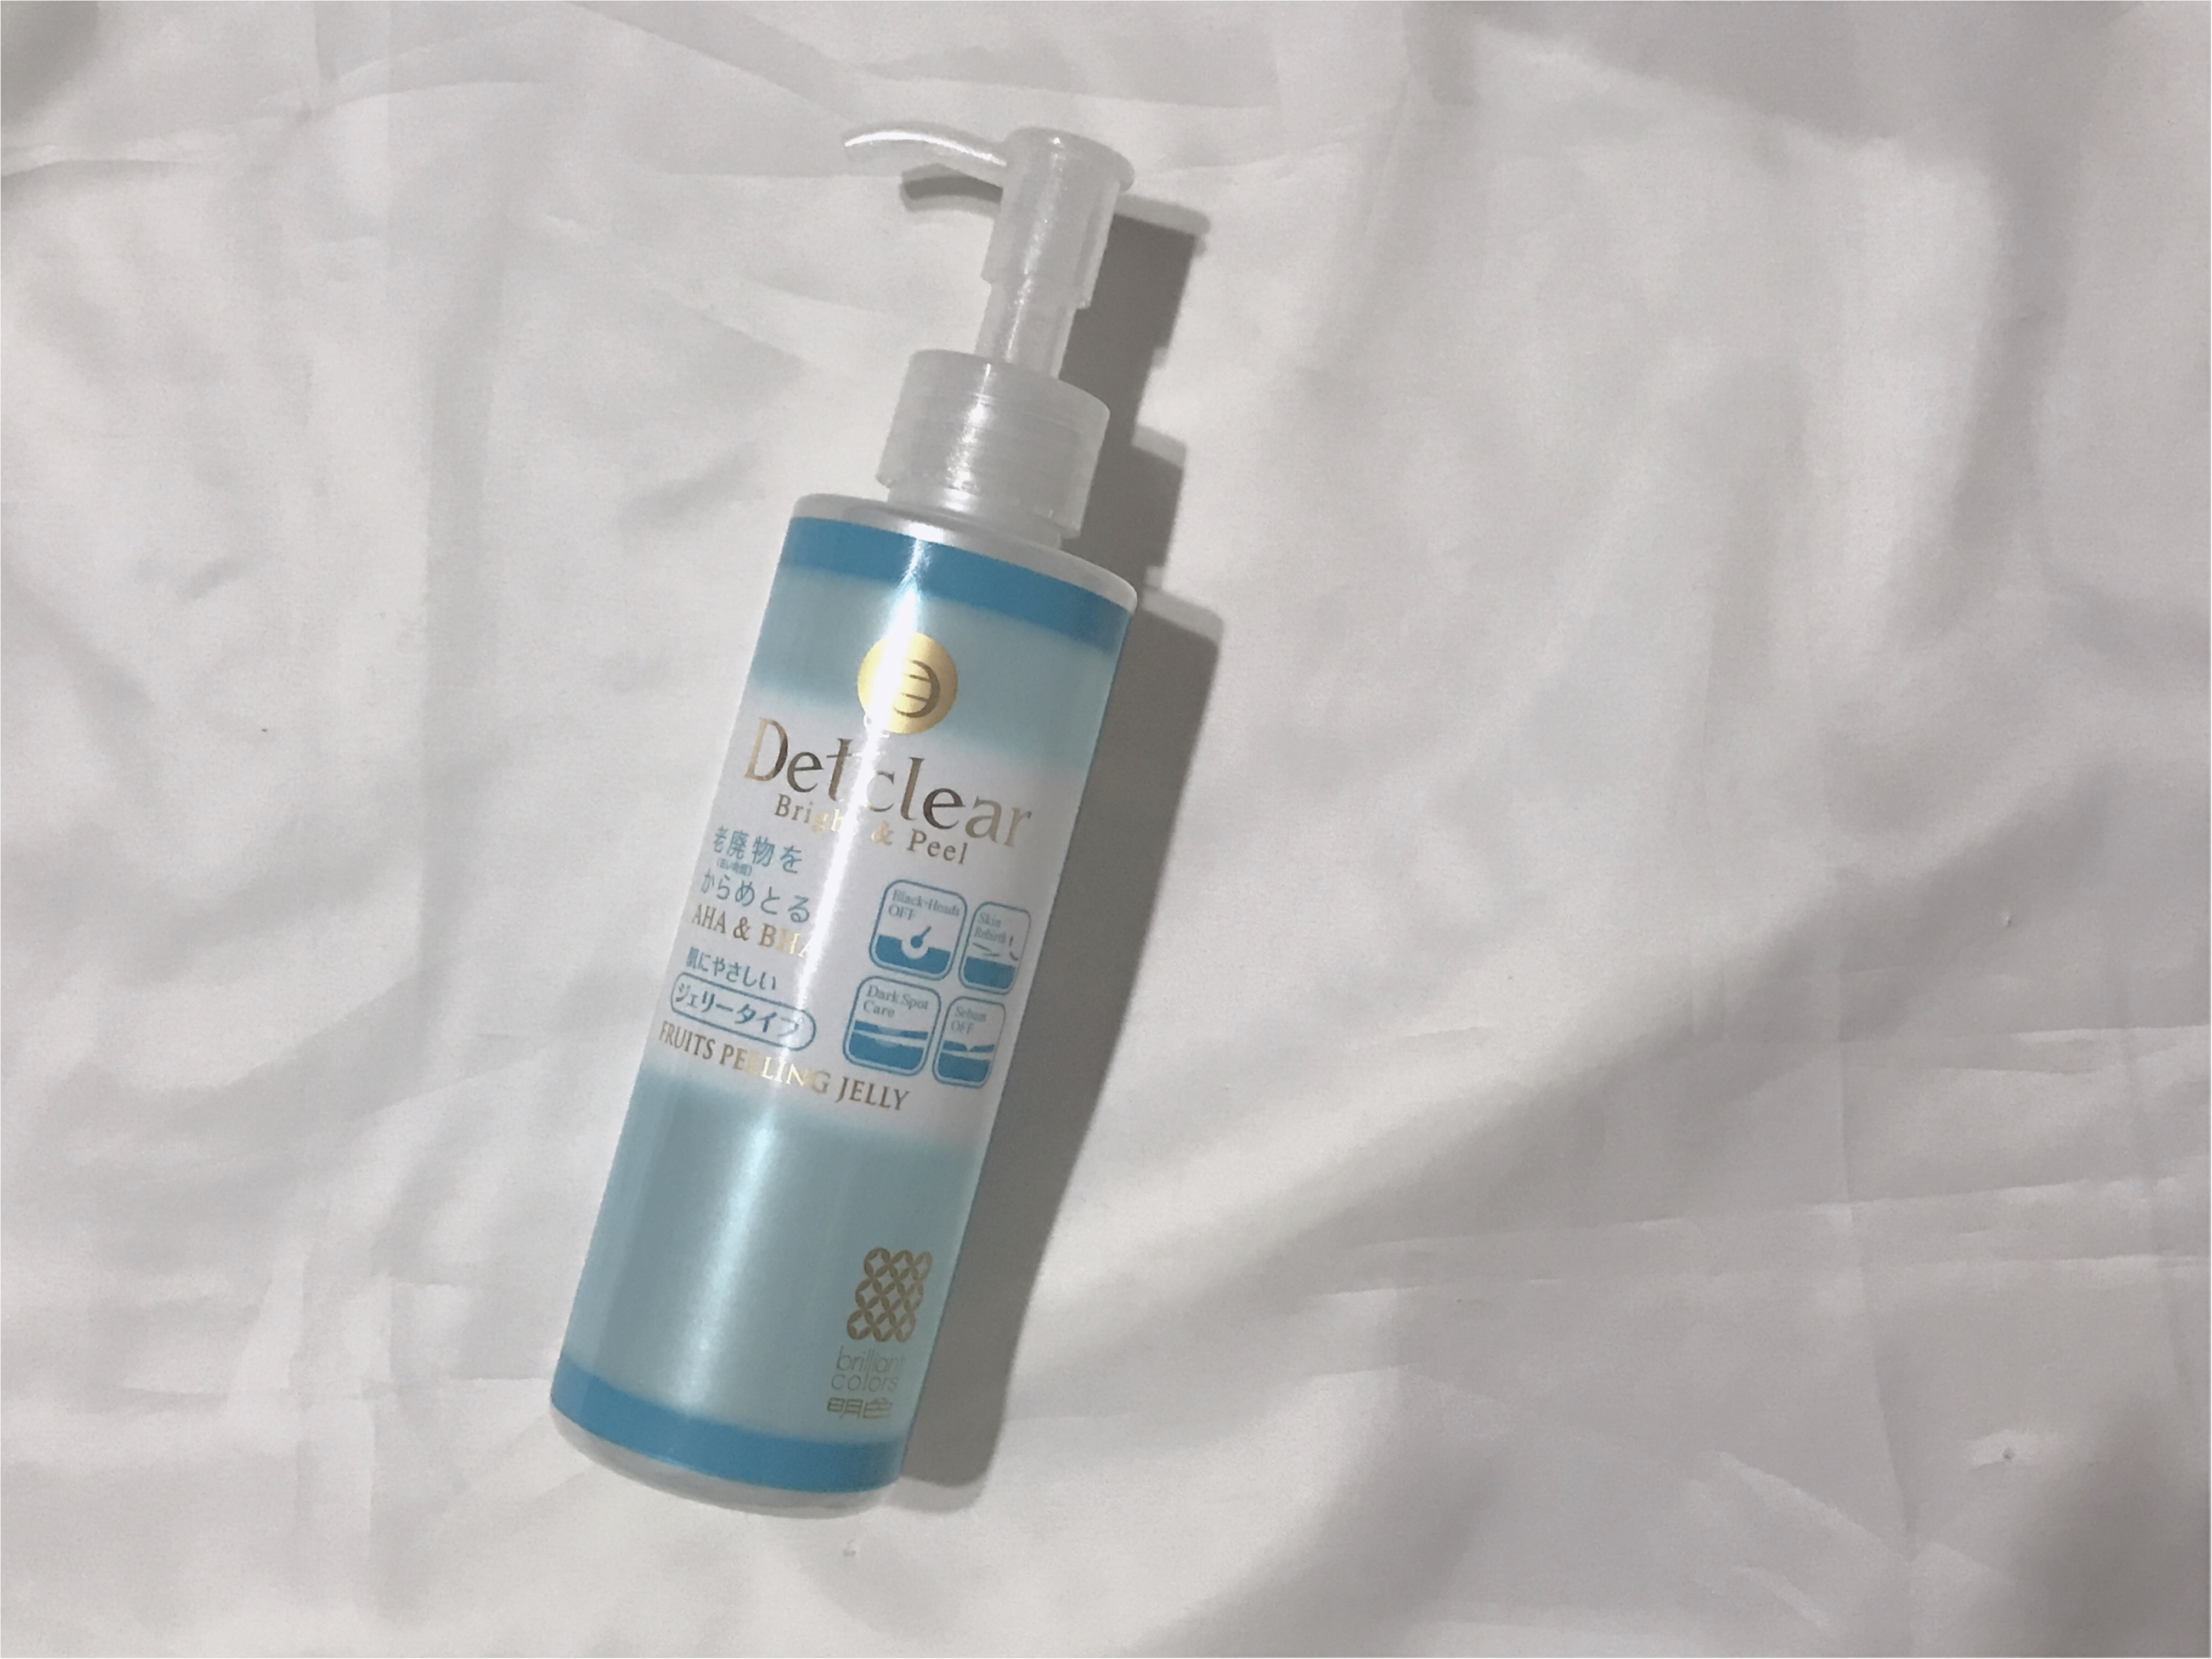 美白化粧品特集 - シミやくすみ対策・肌の透明感アップが期待できるコスメは?_42